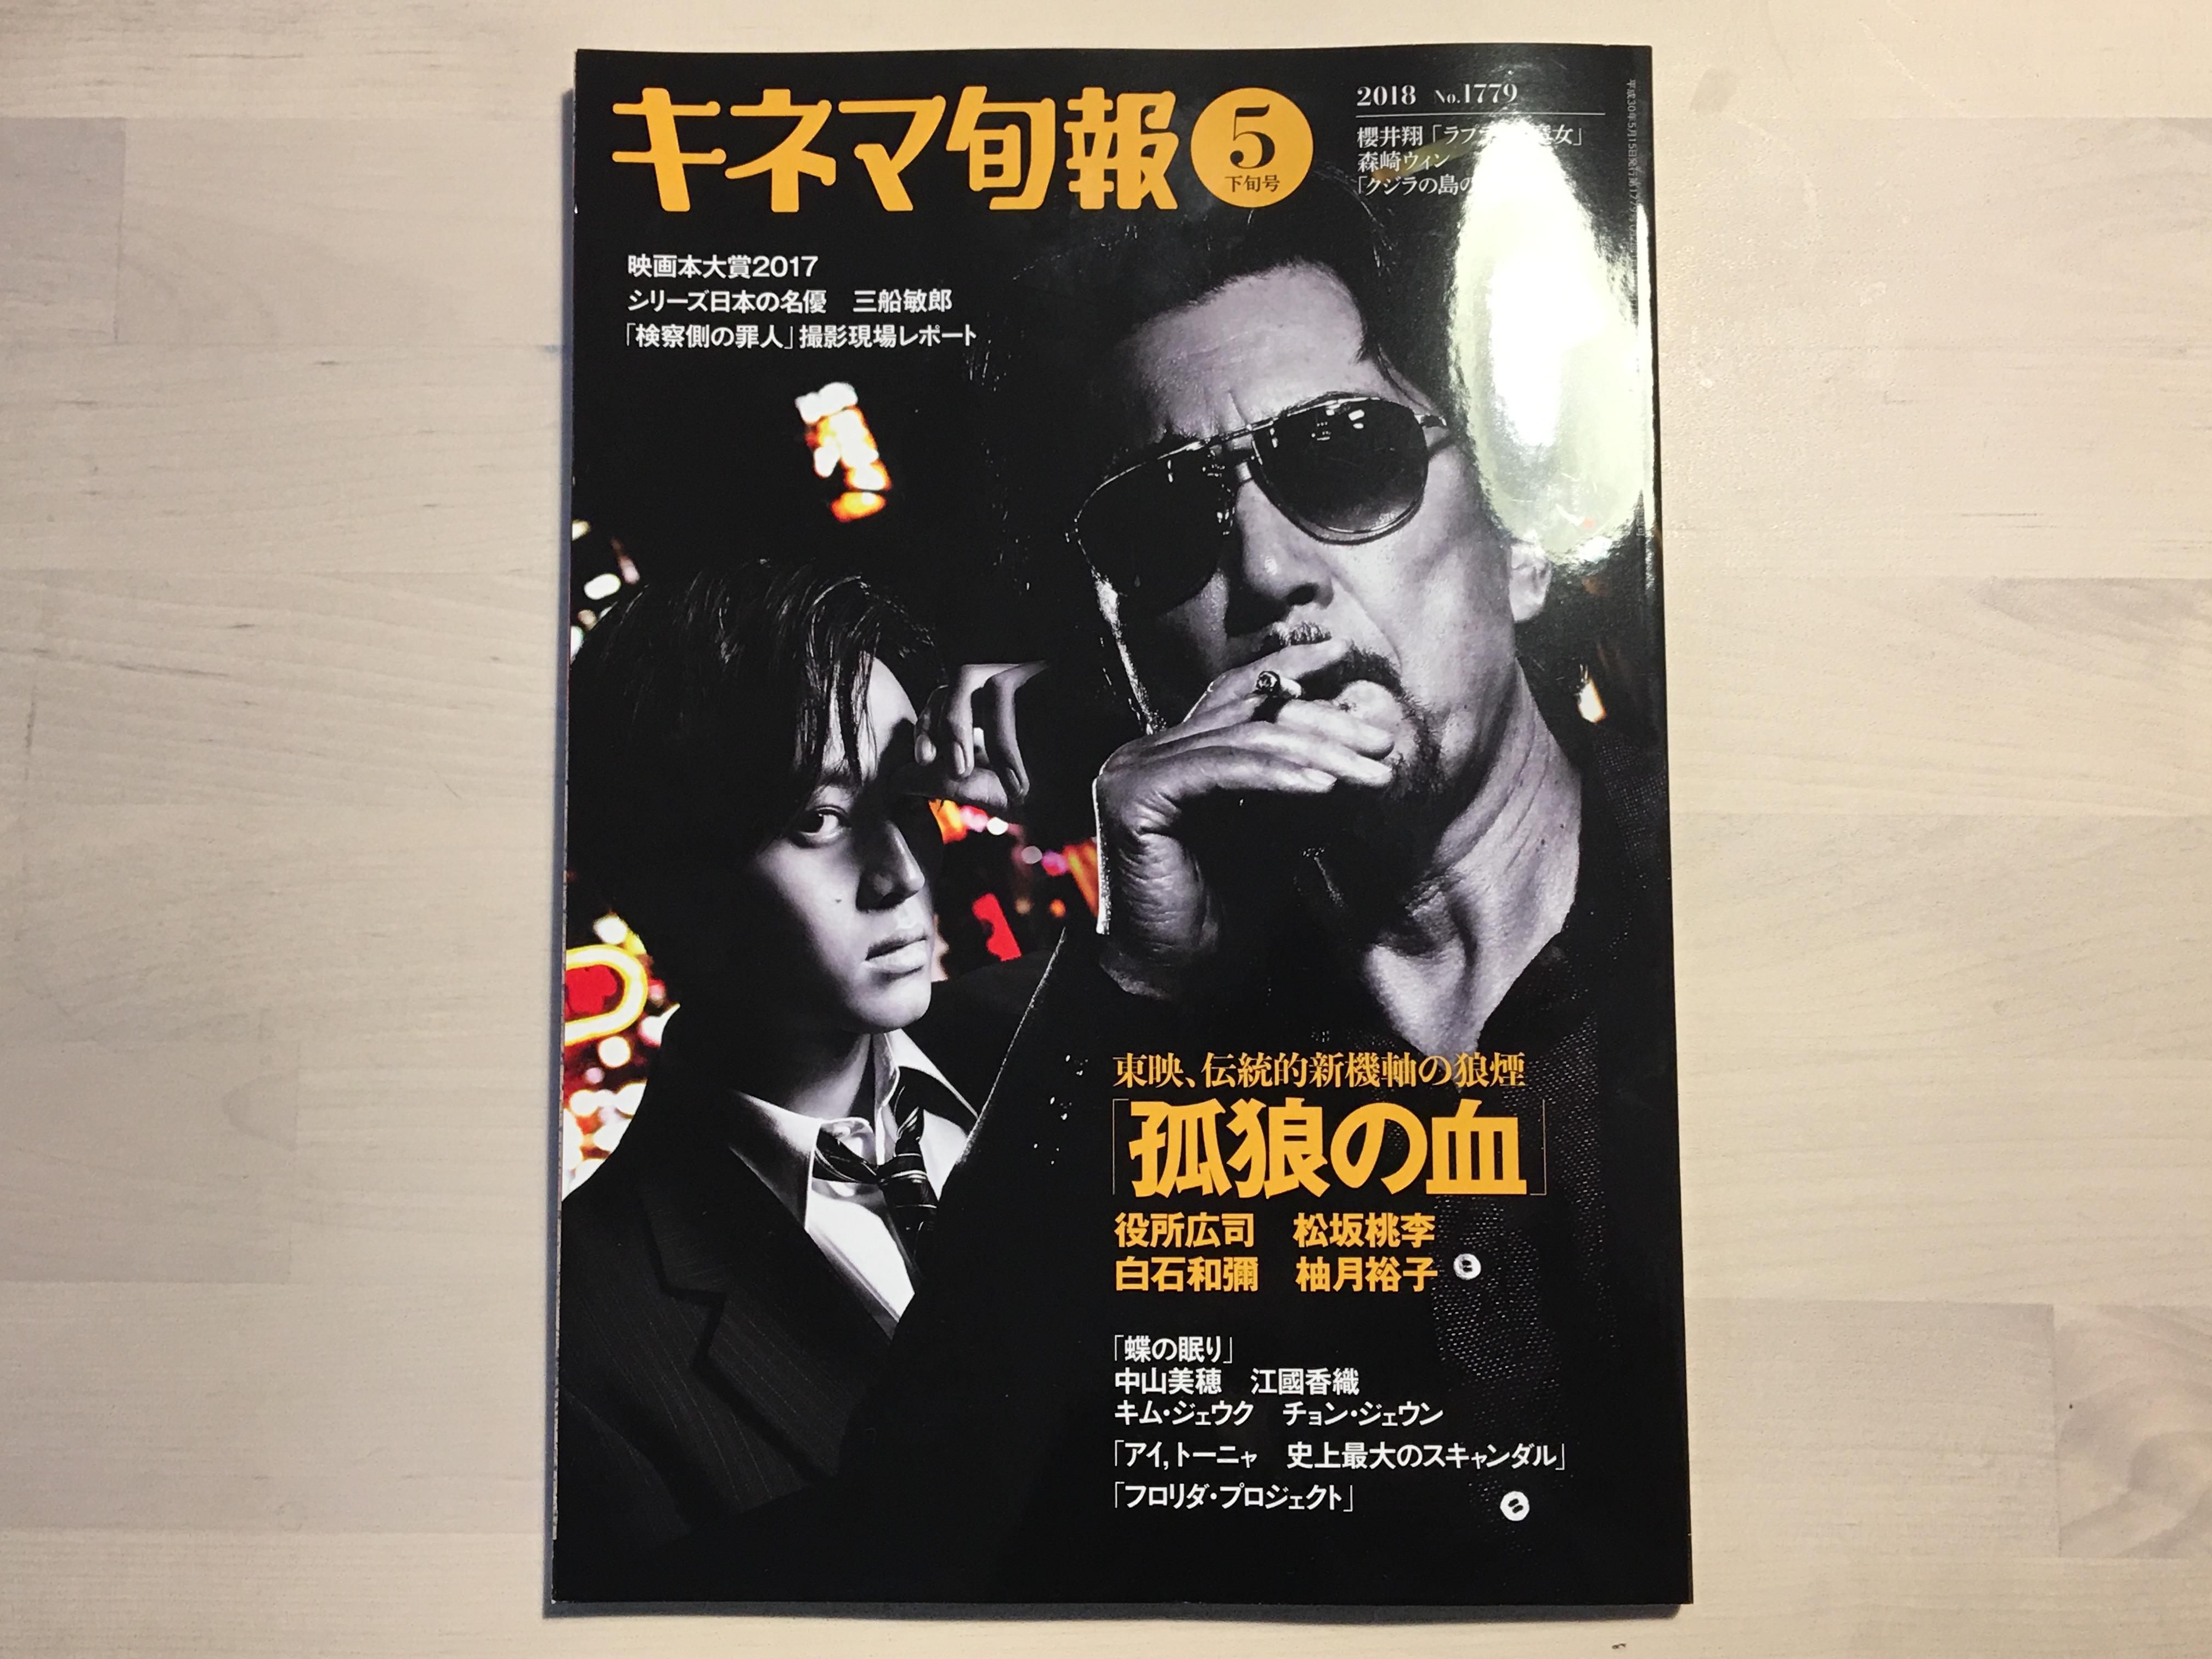 孤狼の血,映画,movie,役所広司,松坂桃李,広島,東広島,キネマ旬報